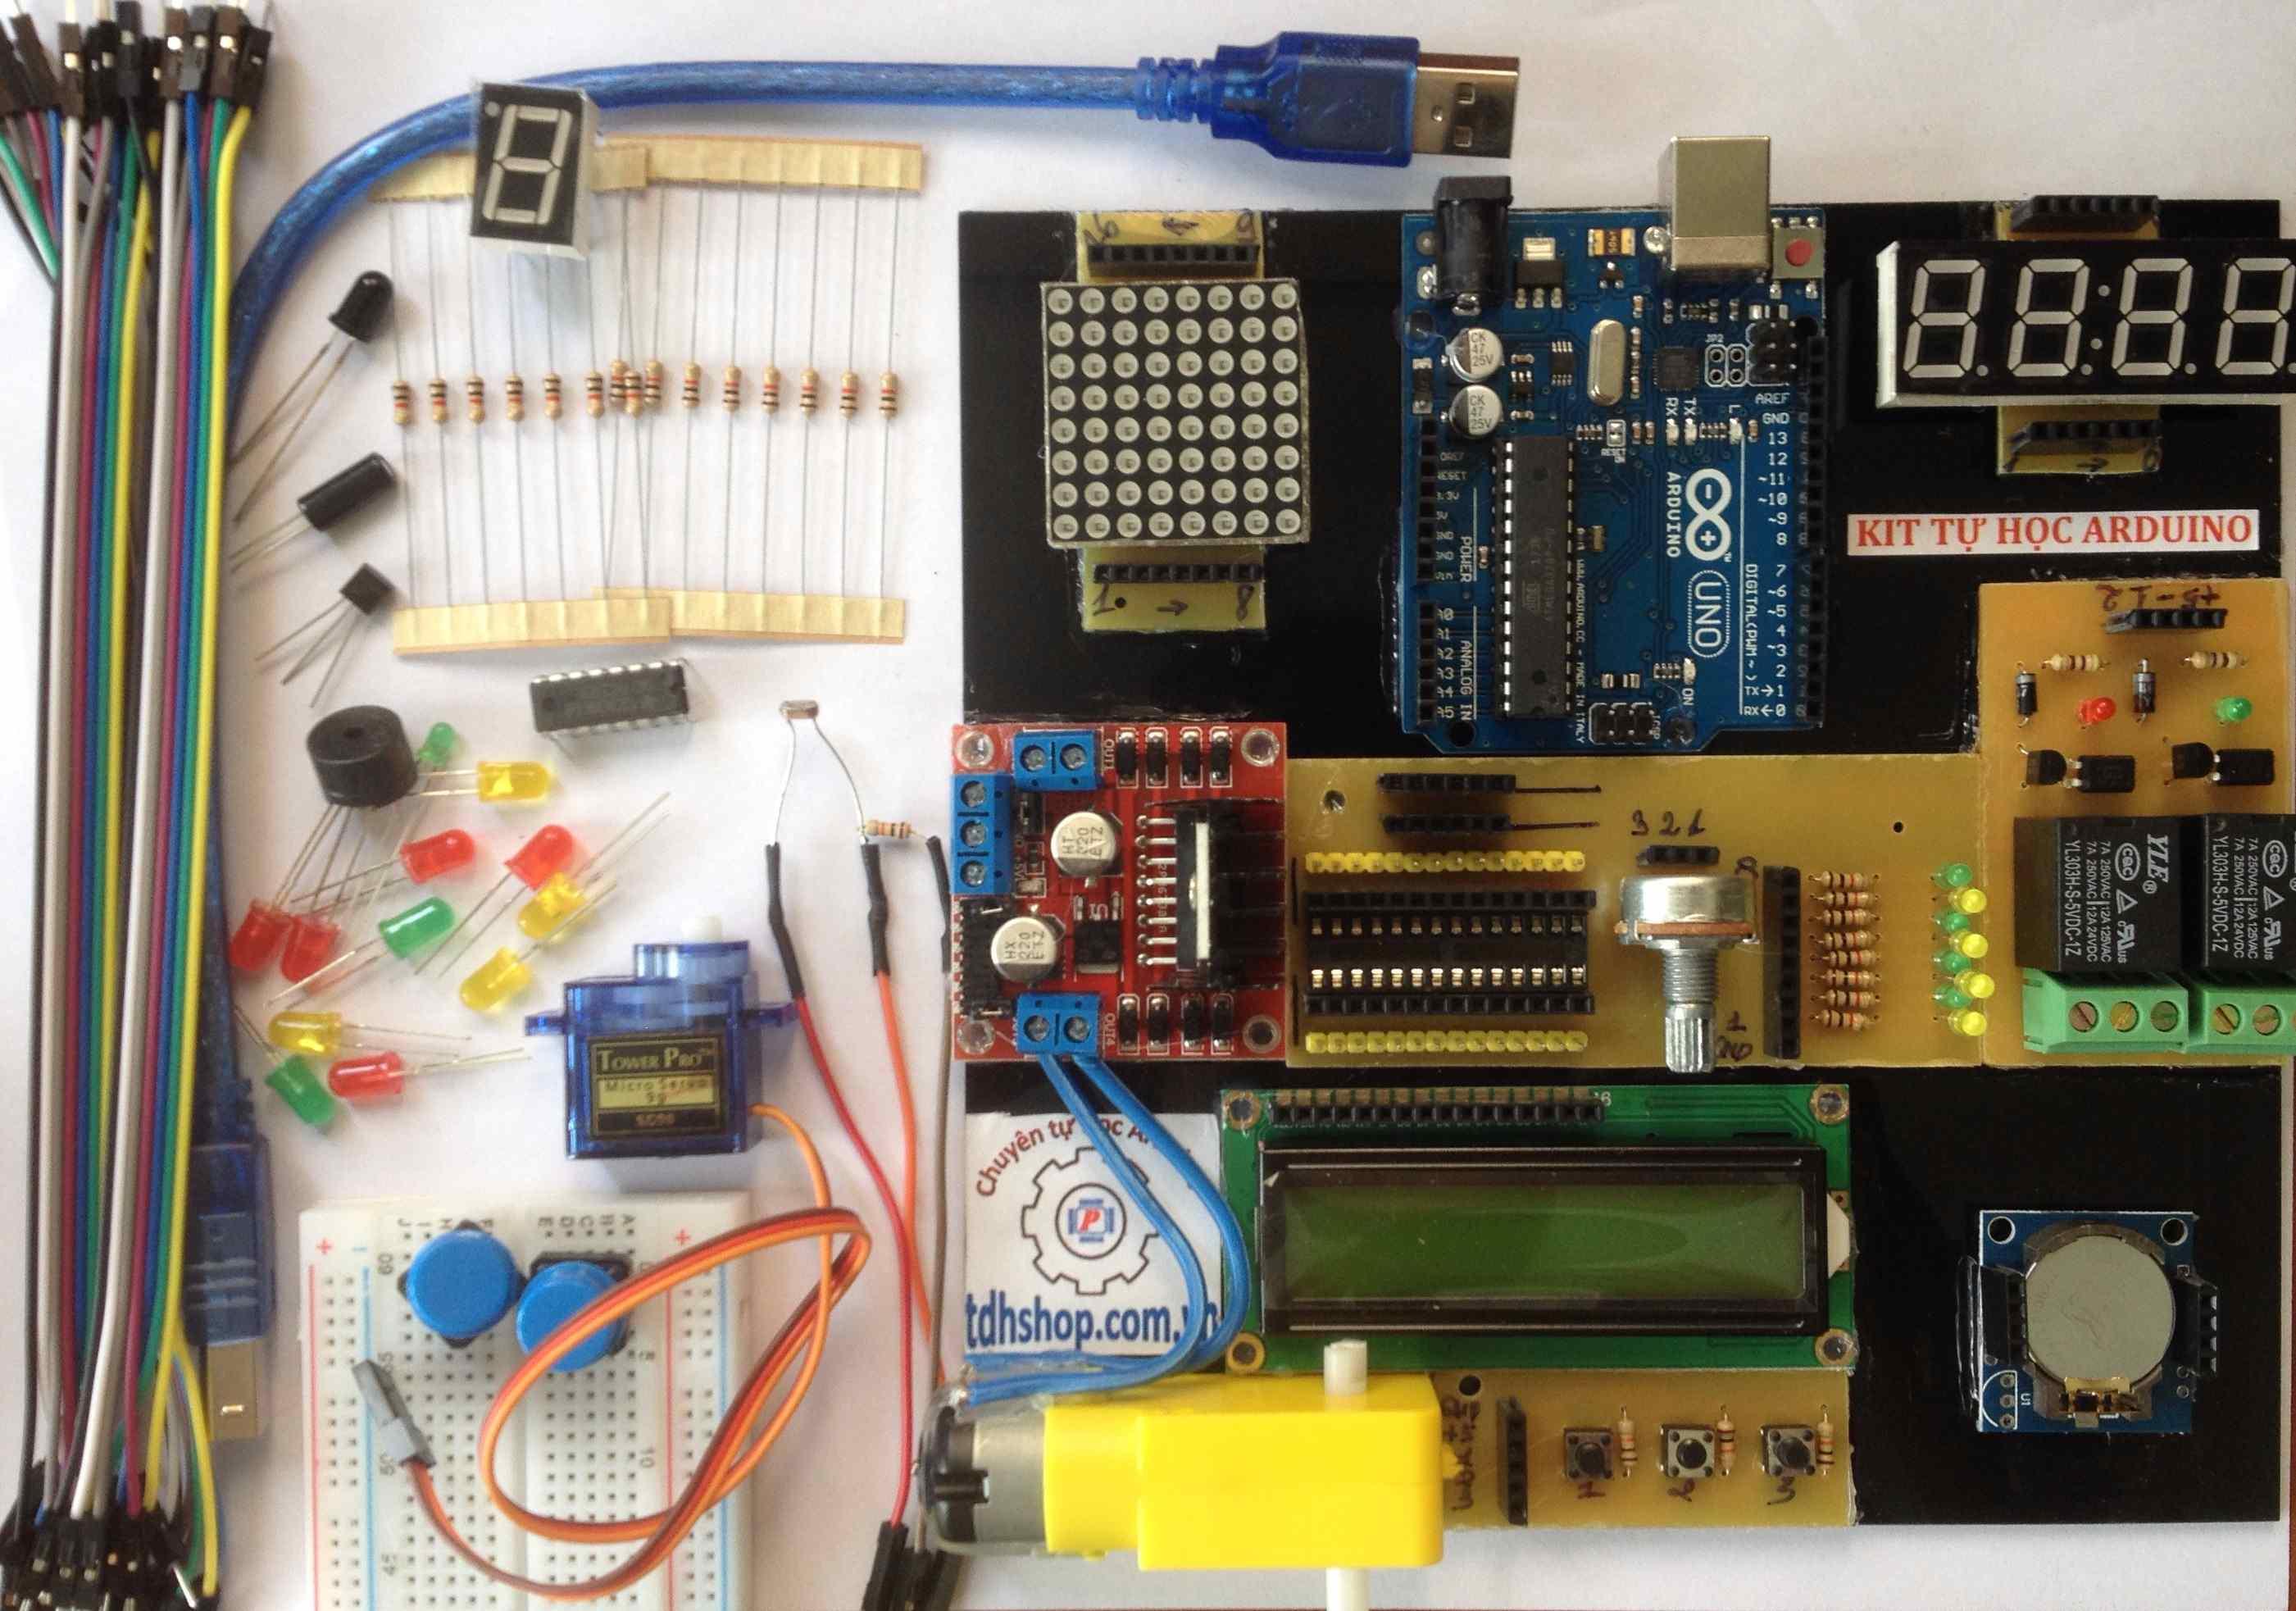 Kit Tự Học Arduino V3